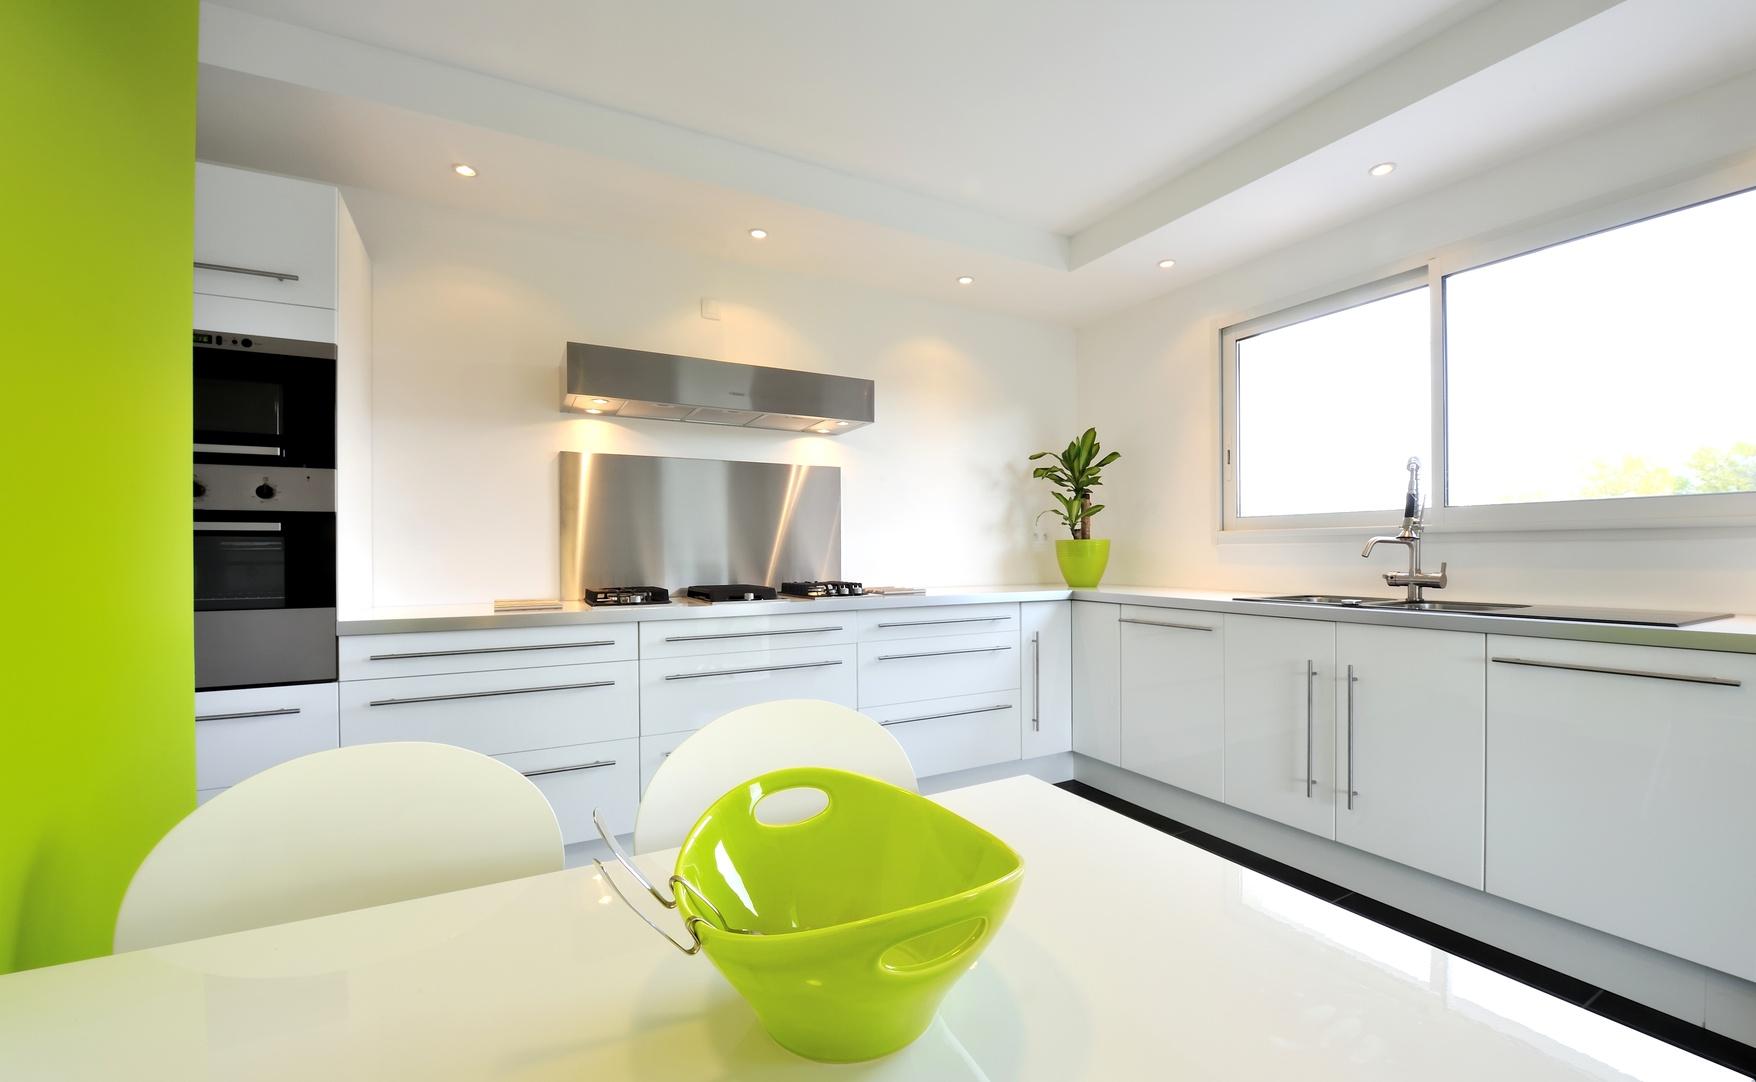 Eclairage salle de bain norme Faut il aligner meubles cuisine